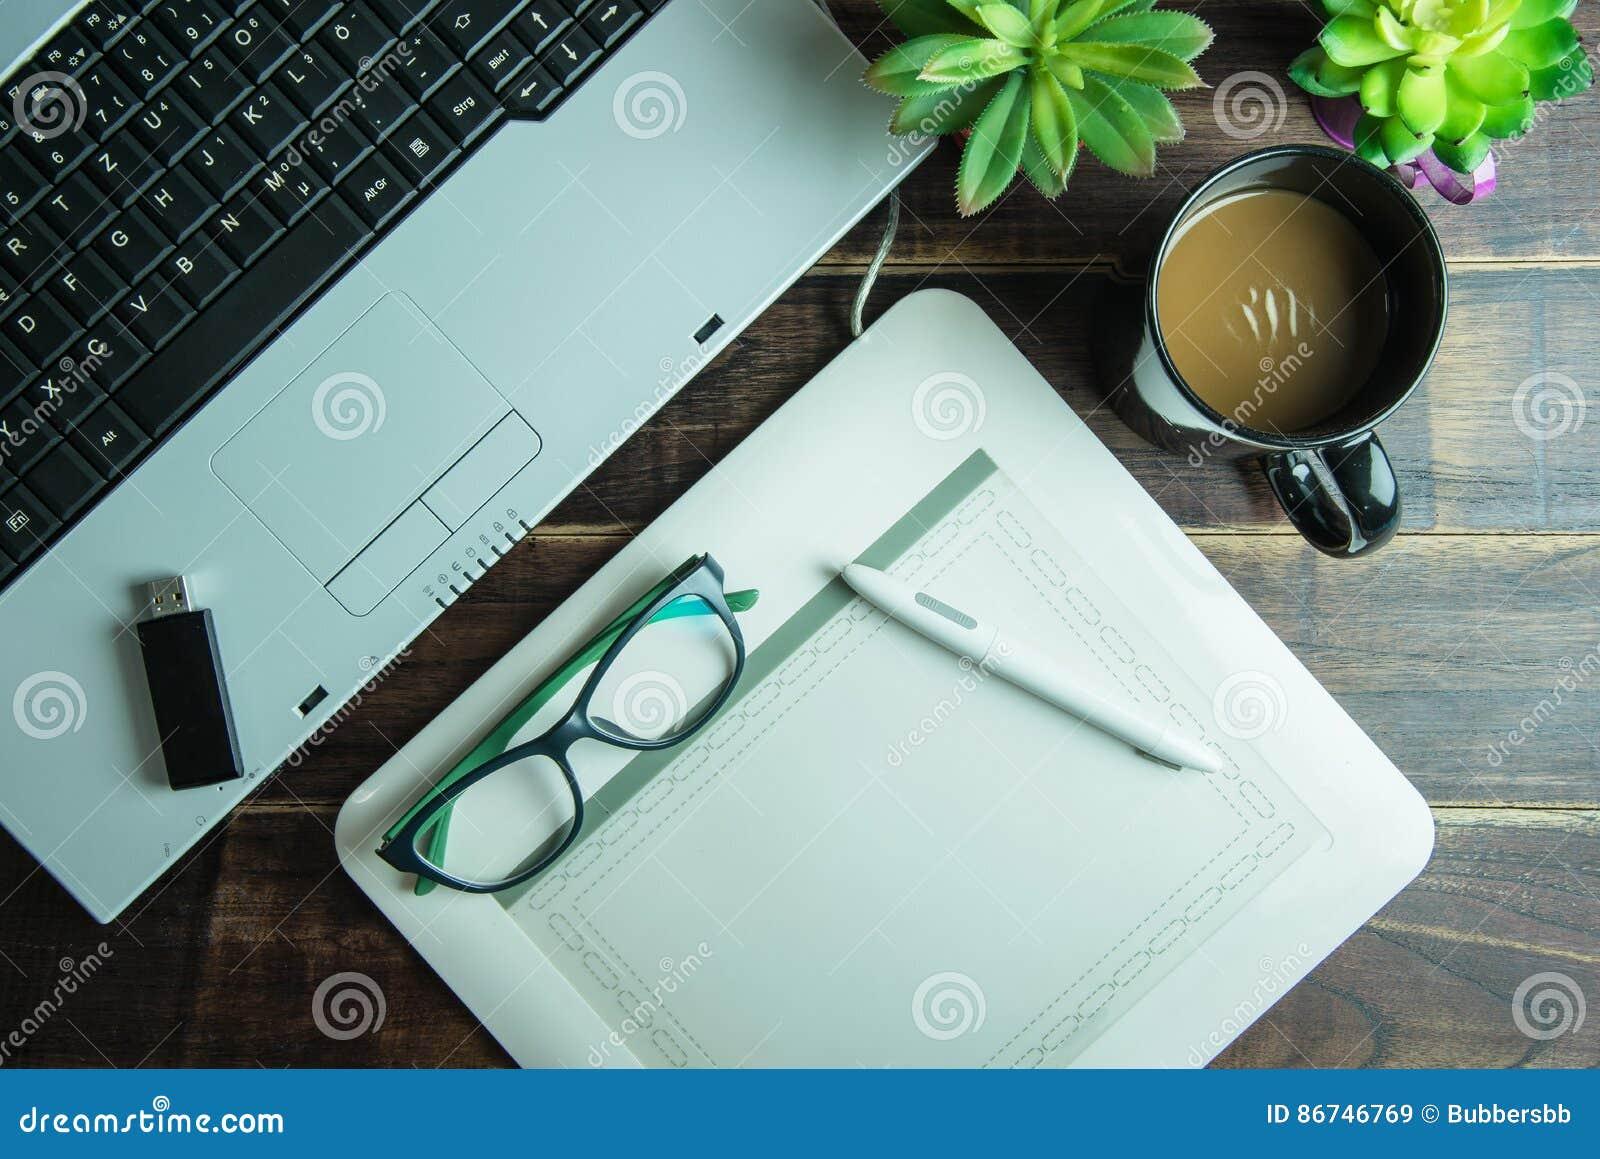 Tapis de souris tapis de bureau personnalisé tapis de etsy